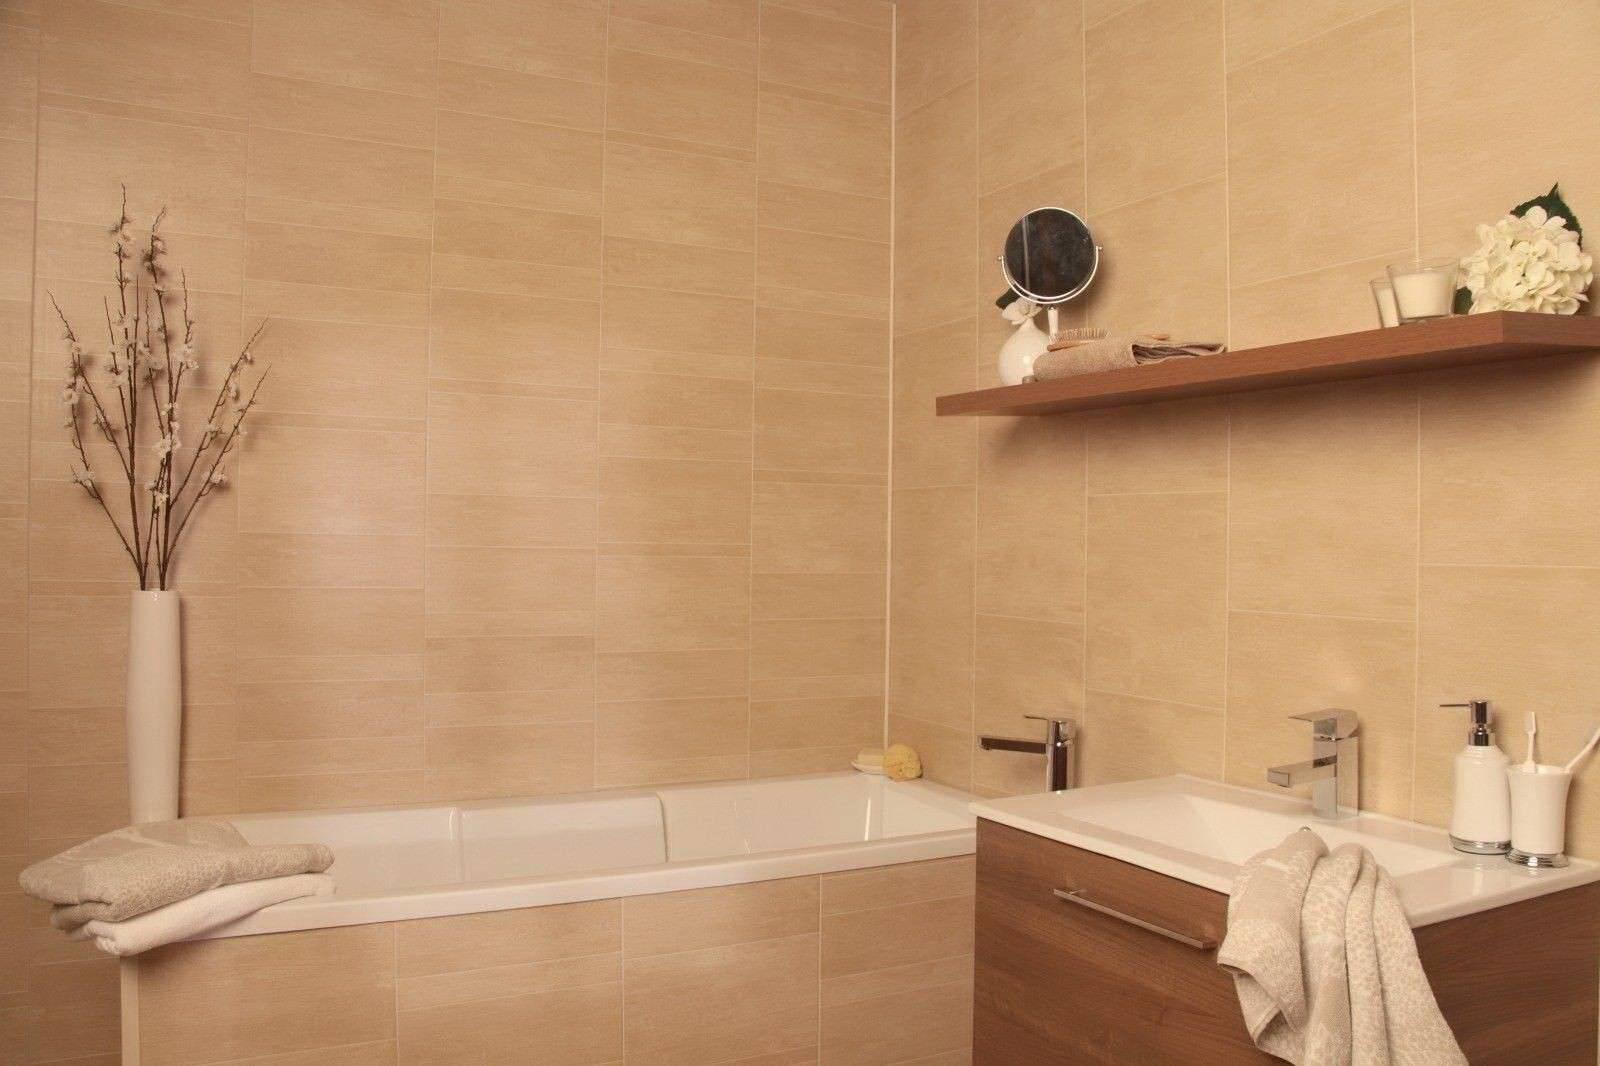 Влагостойкие листовые панели мдф для стен ванной (виды и монтаж)